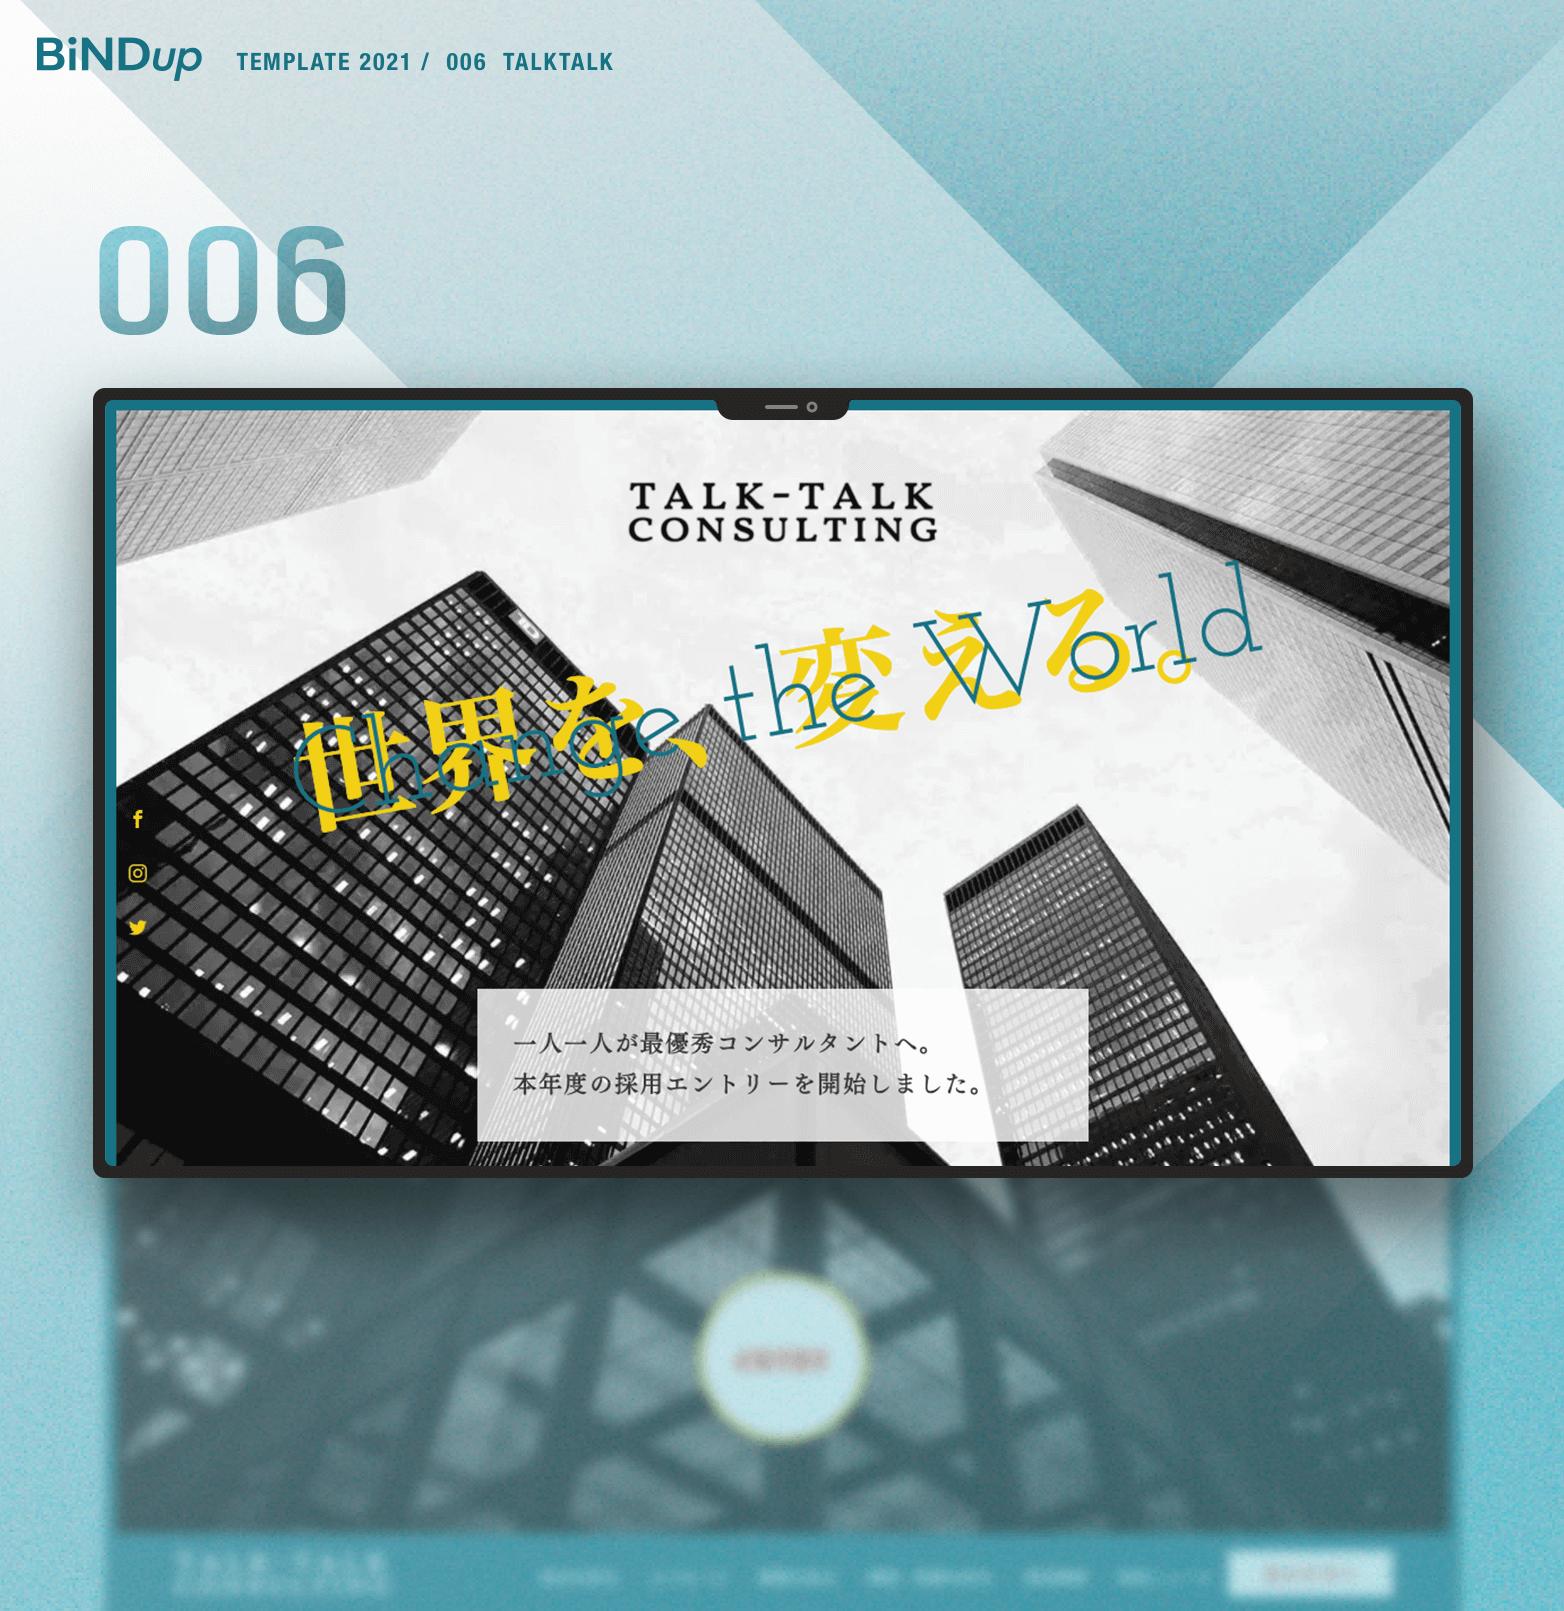 BiNDupテンプレートプリセット006